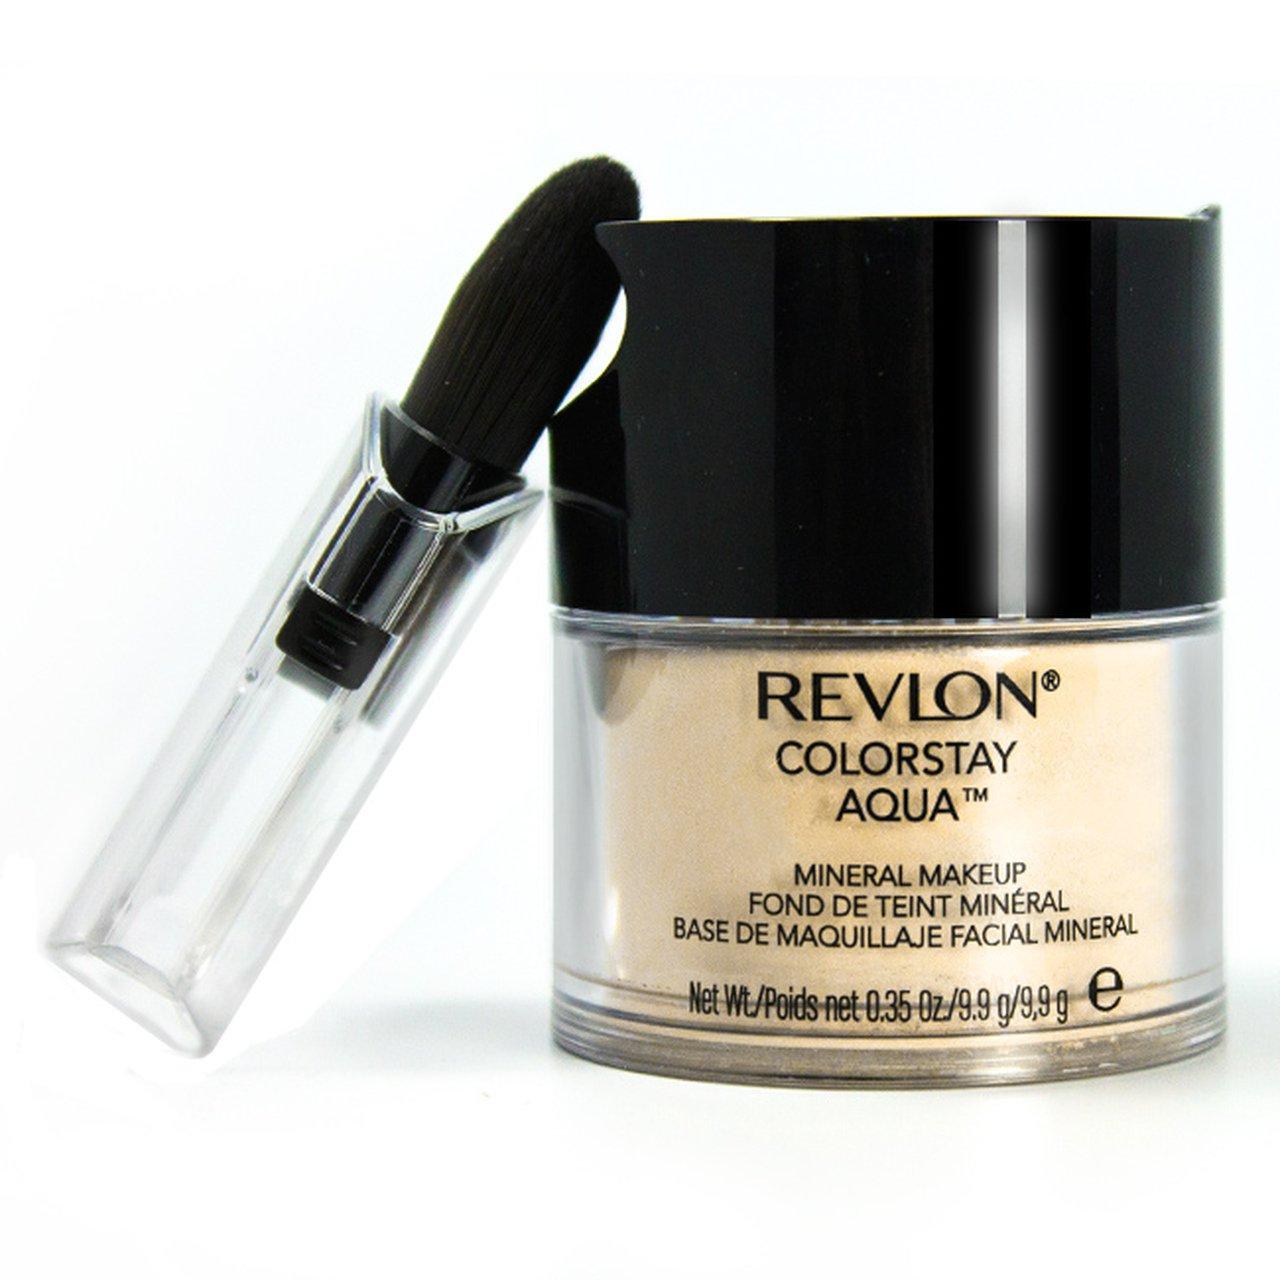 Revlon ColorStay Aqua Mineral Makeup, Light 030